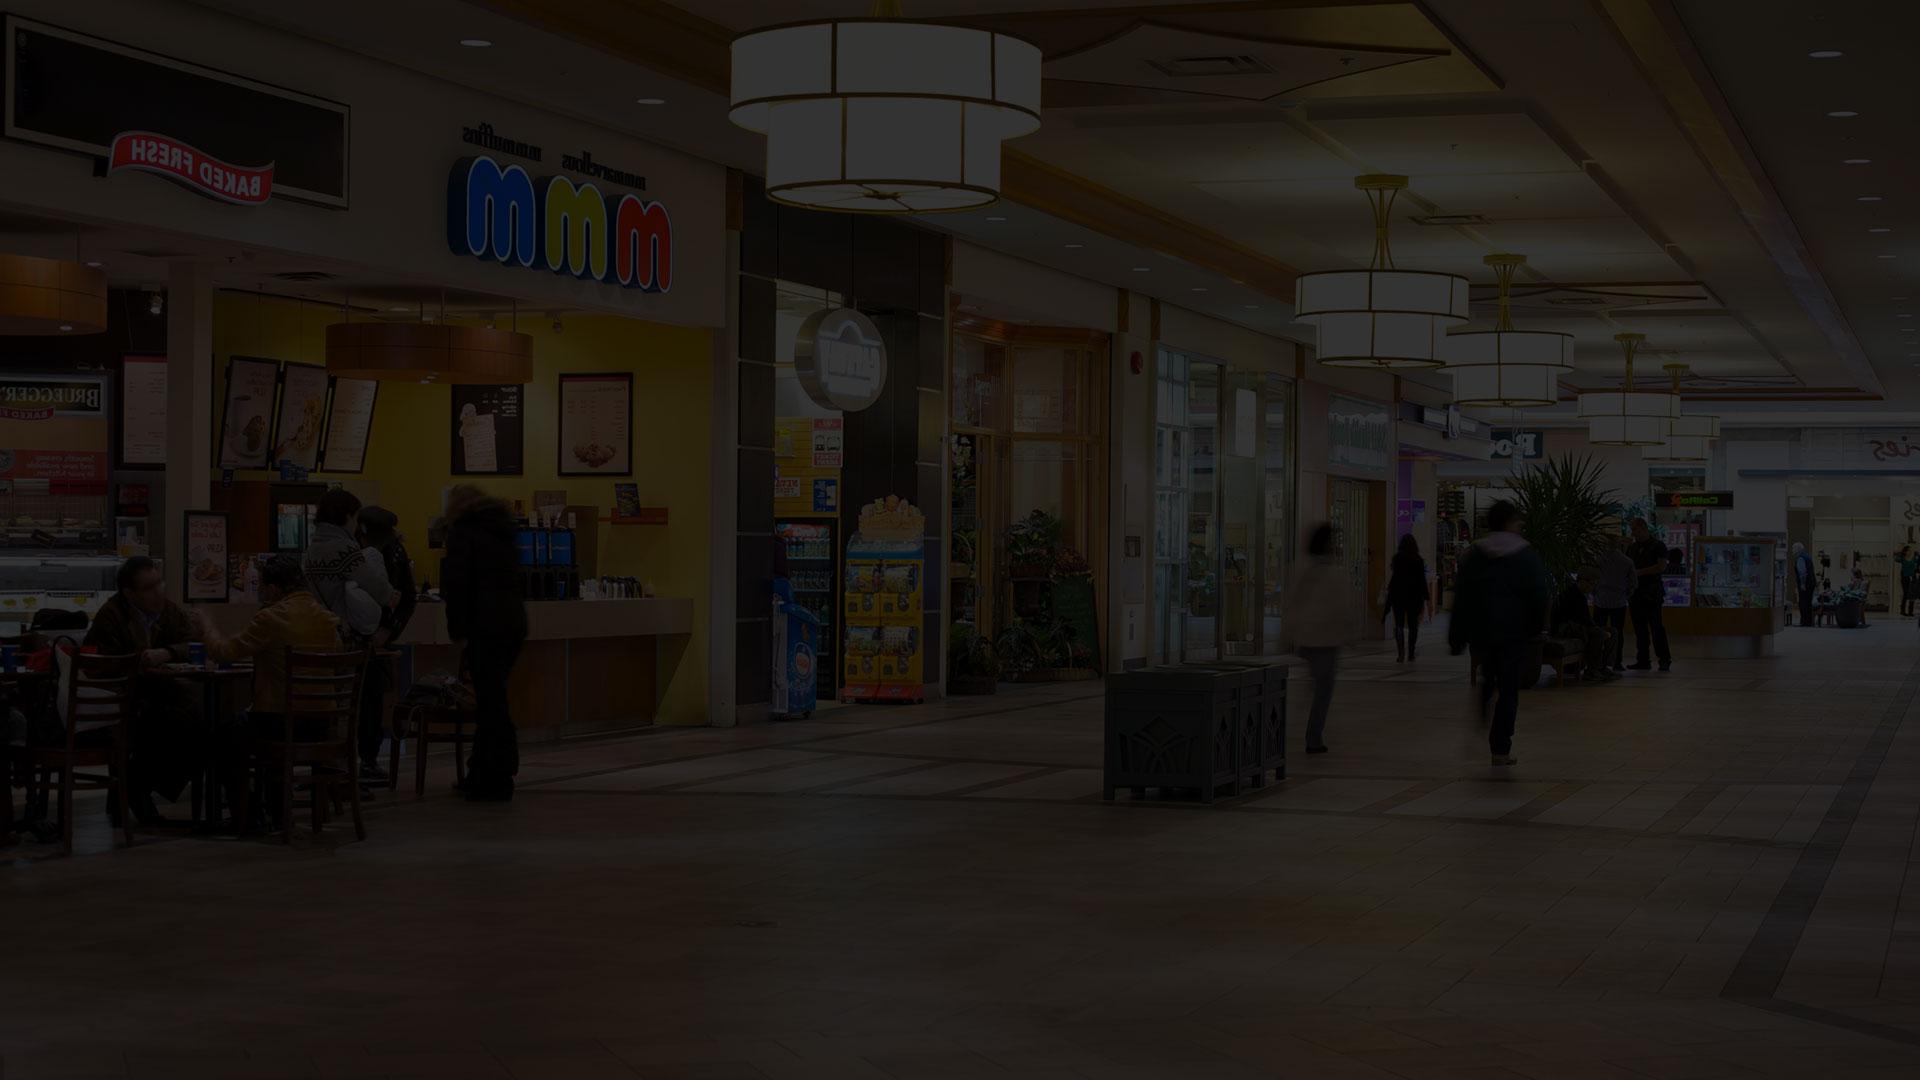 راهرو مرکز خرید- آژانس تبلیغات کربن- دیجیتال مارکتینگ- تبلیغات- دیجیتال